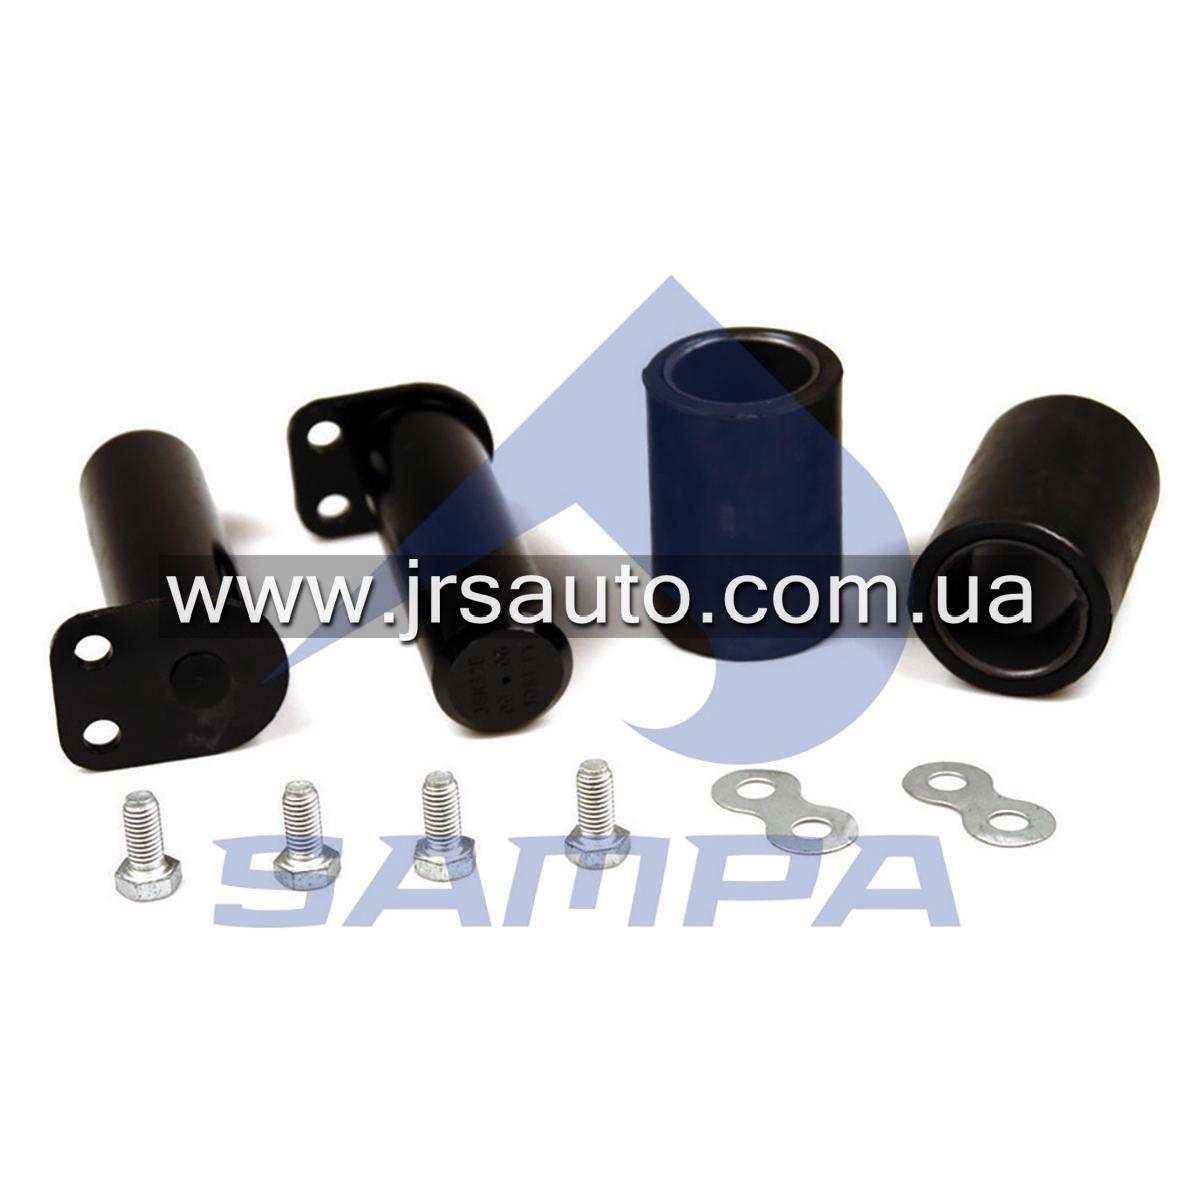 Ремкомплект седла Jost (ноги) JSK36D (d49,5xd70x102) \SK312158 \ 095.556